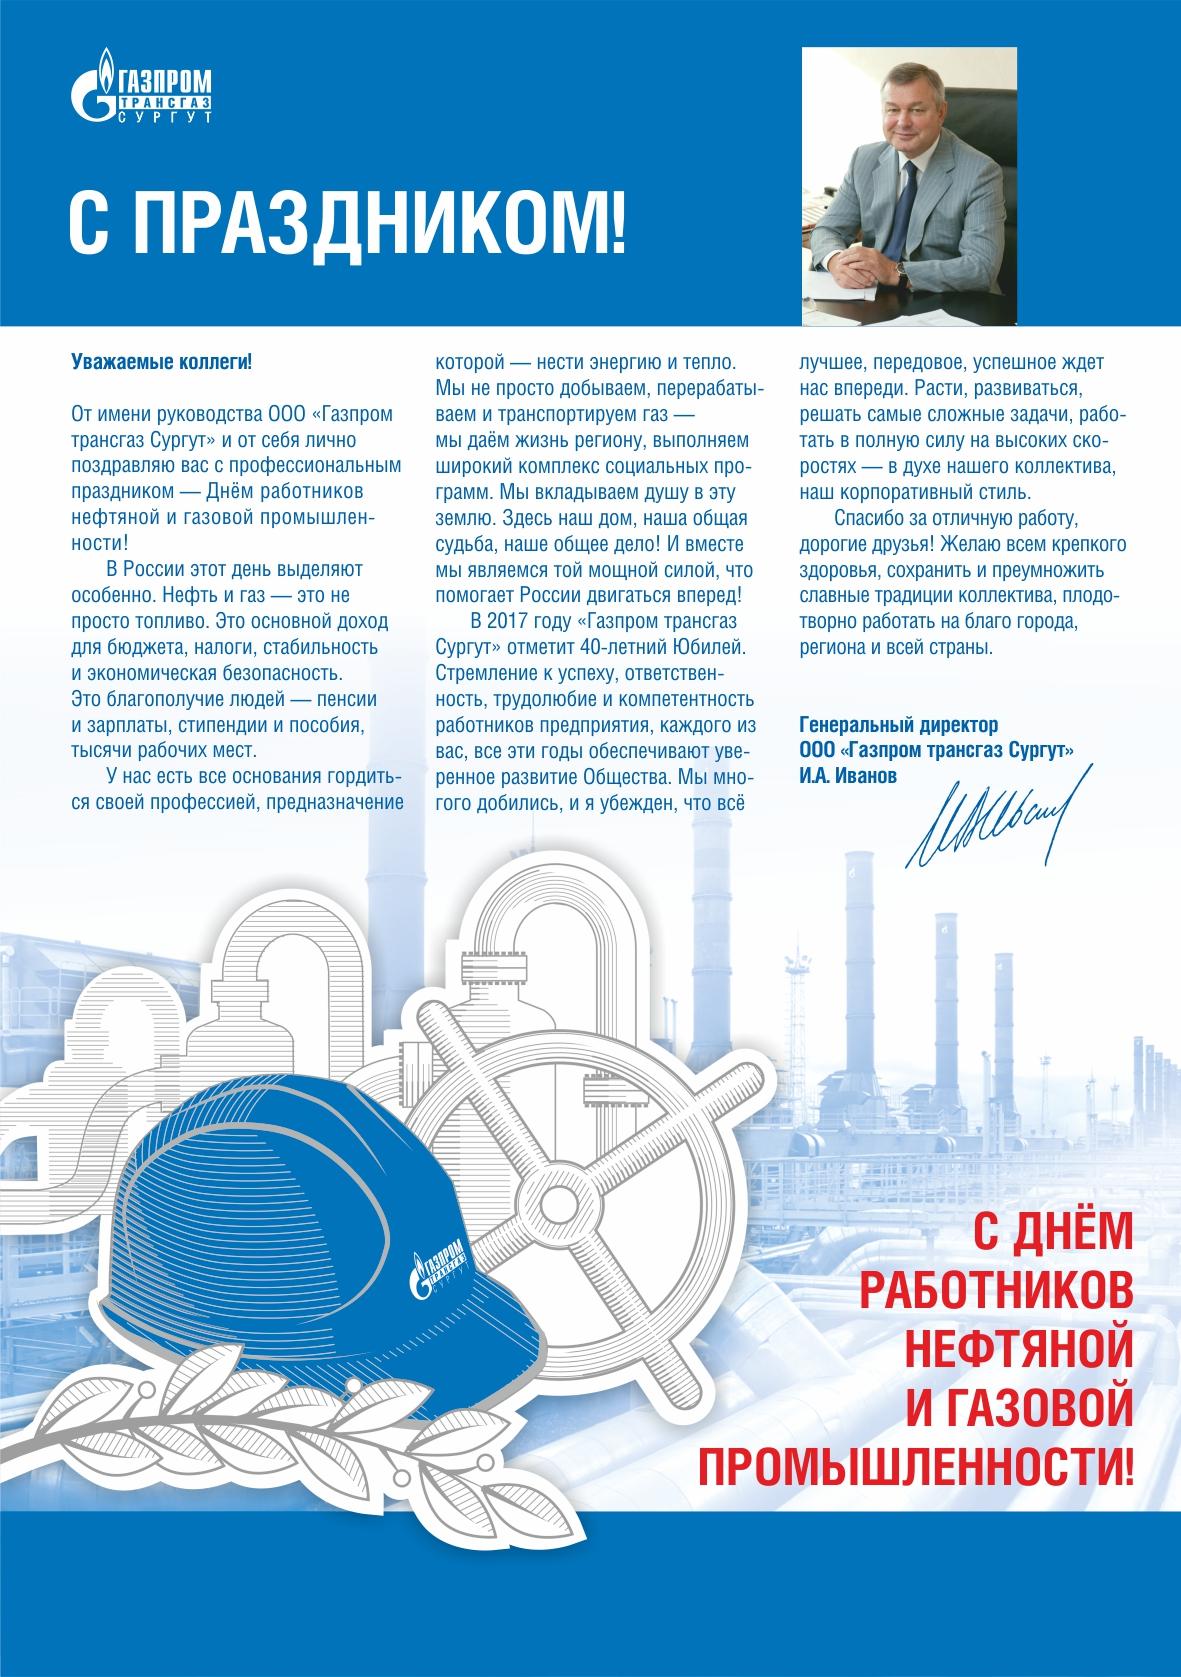 Газпром трансгаз поздравление с юбилеем 8